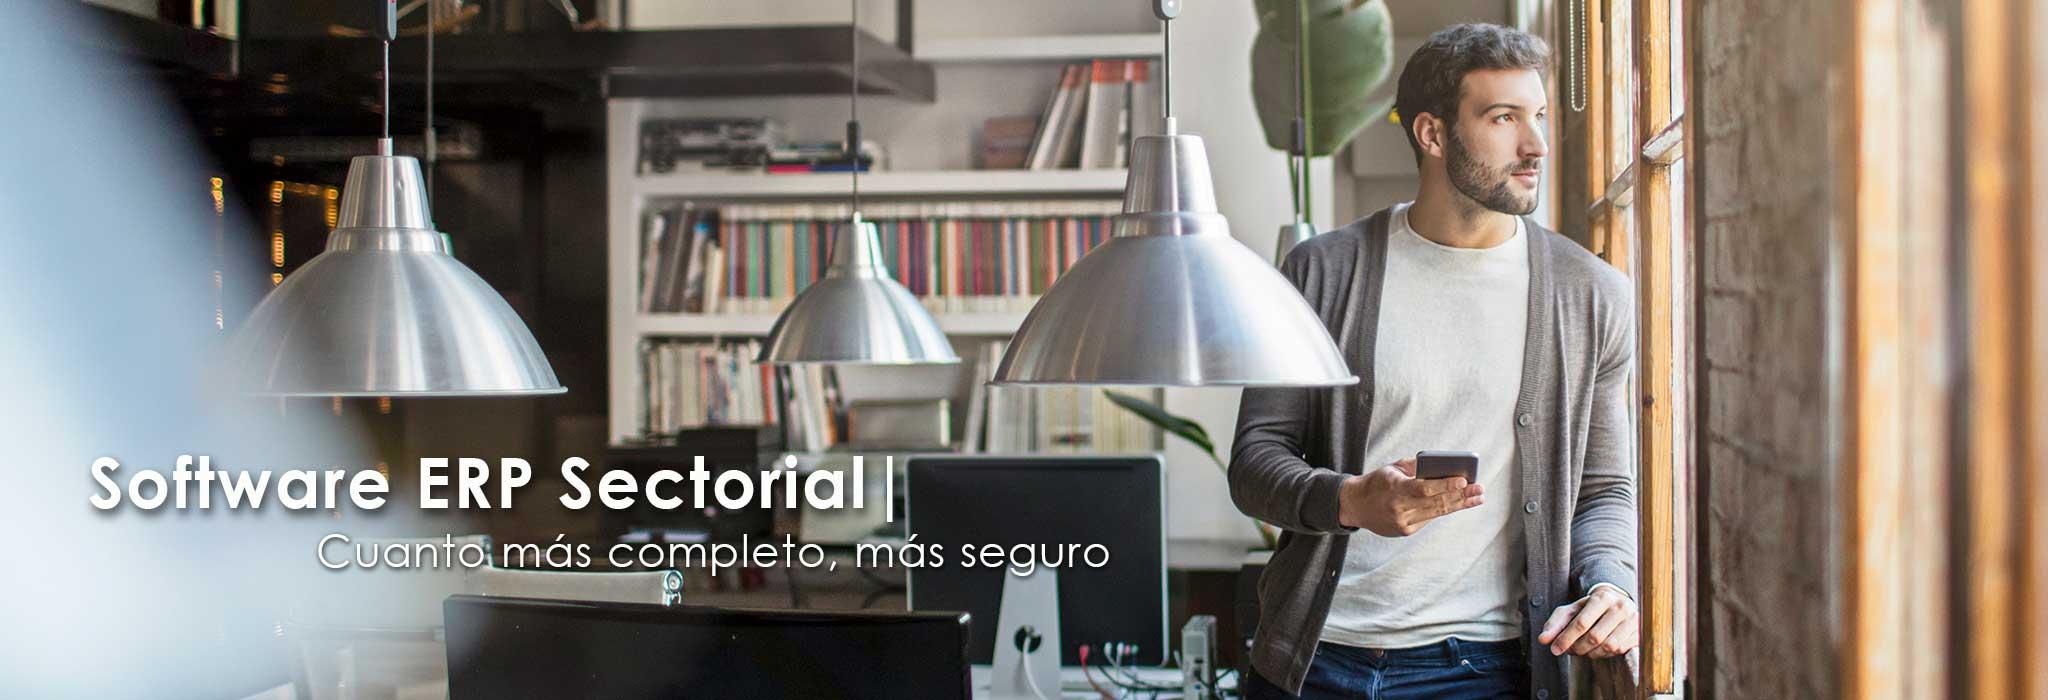 Software ERP Sectorial